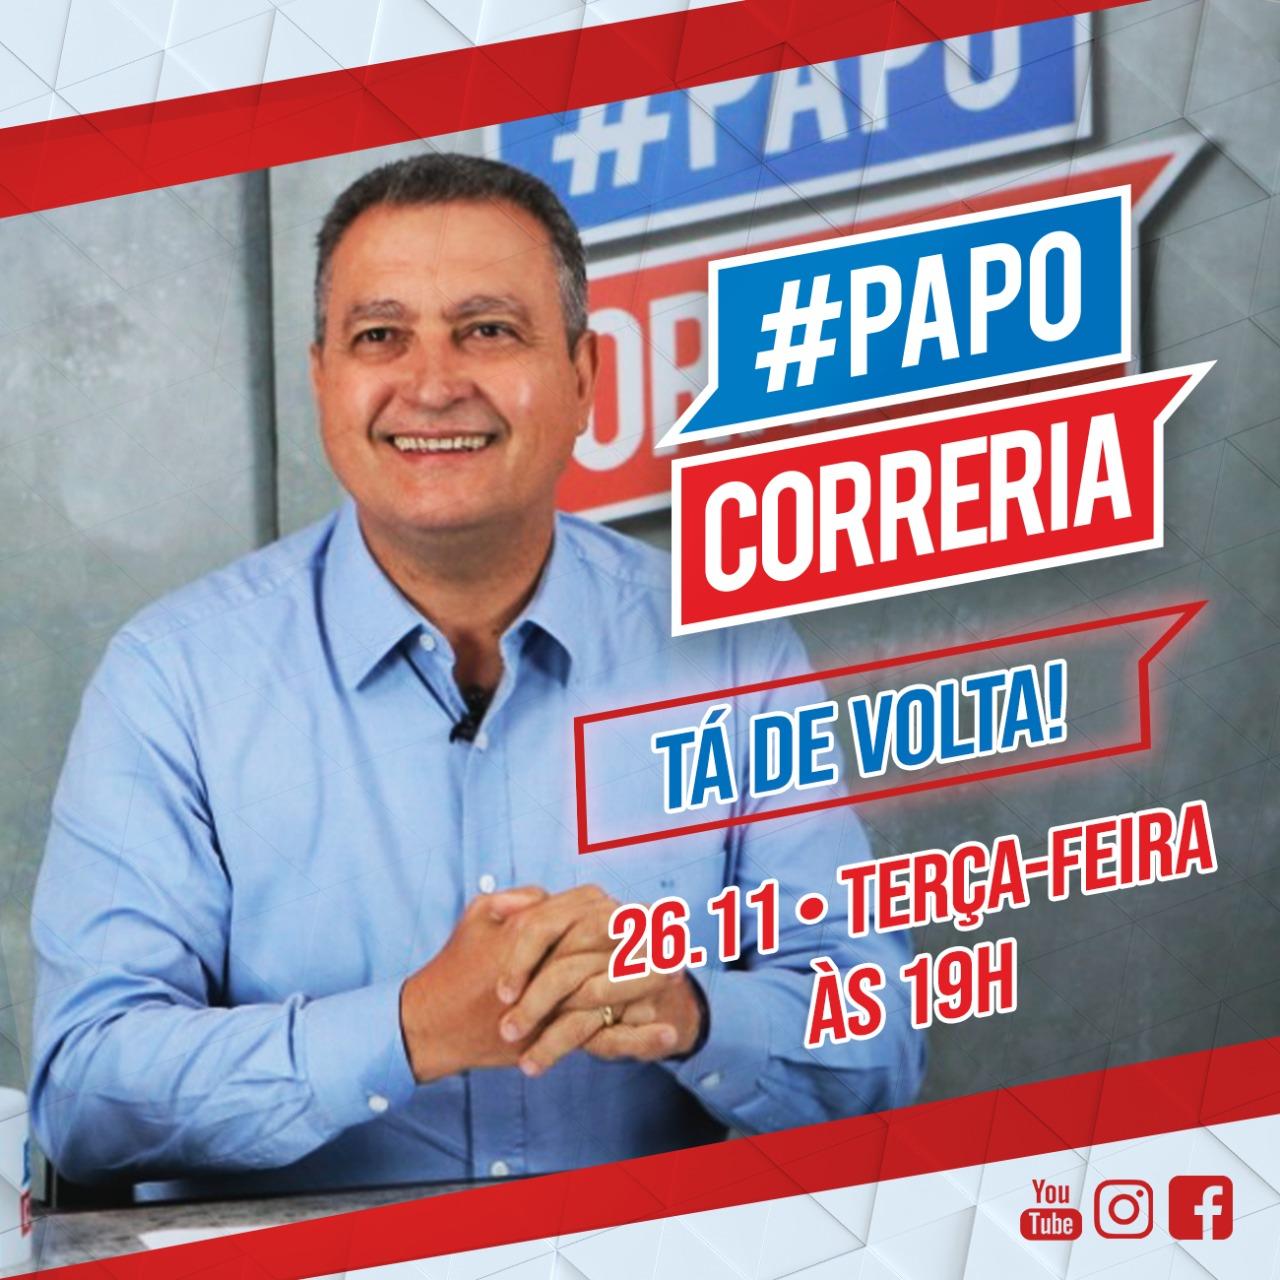 #PapoCorreria! Rui Costa conversa ao vivo com internautas, às 19h